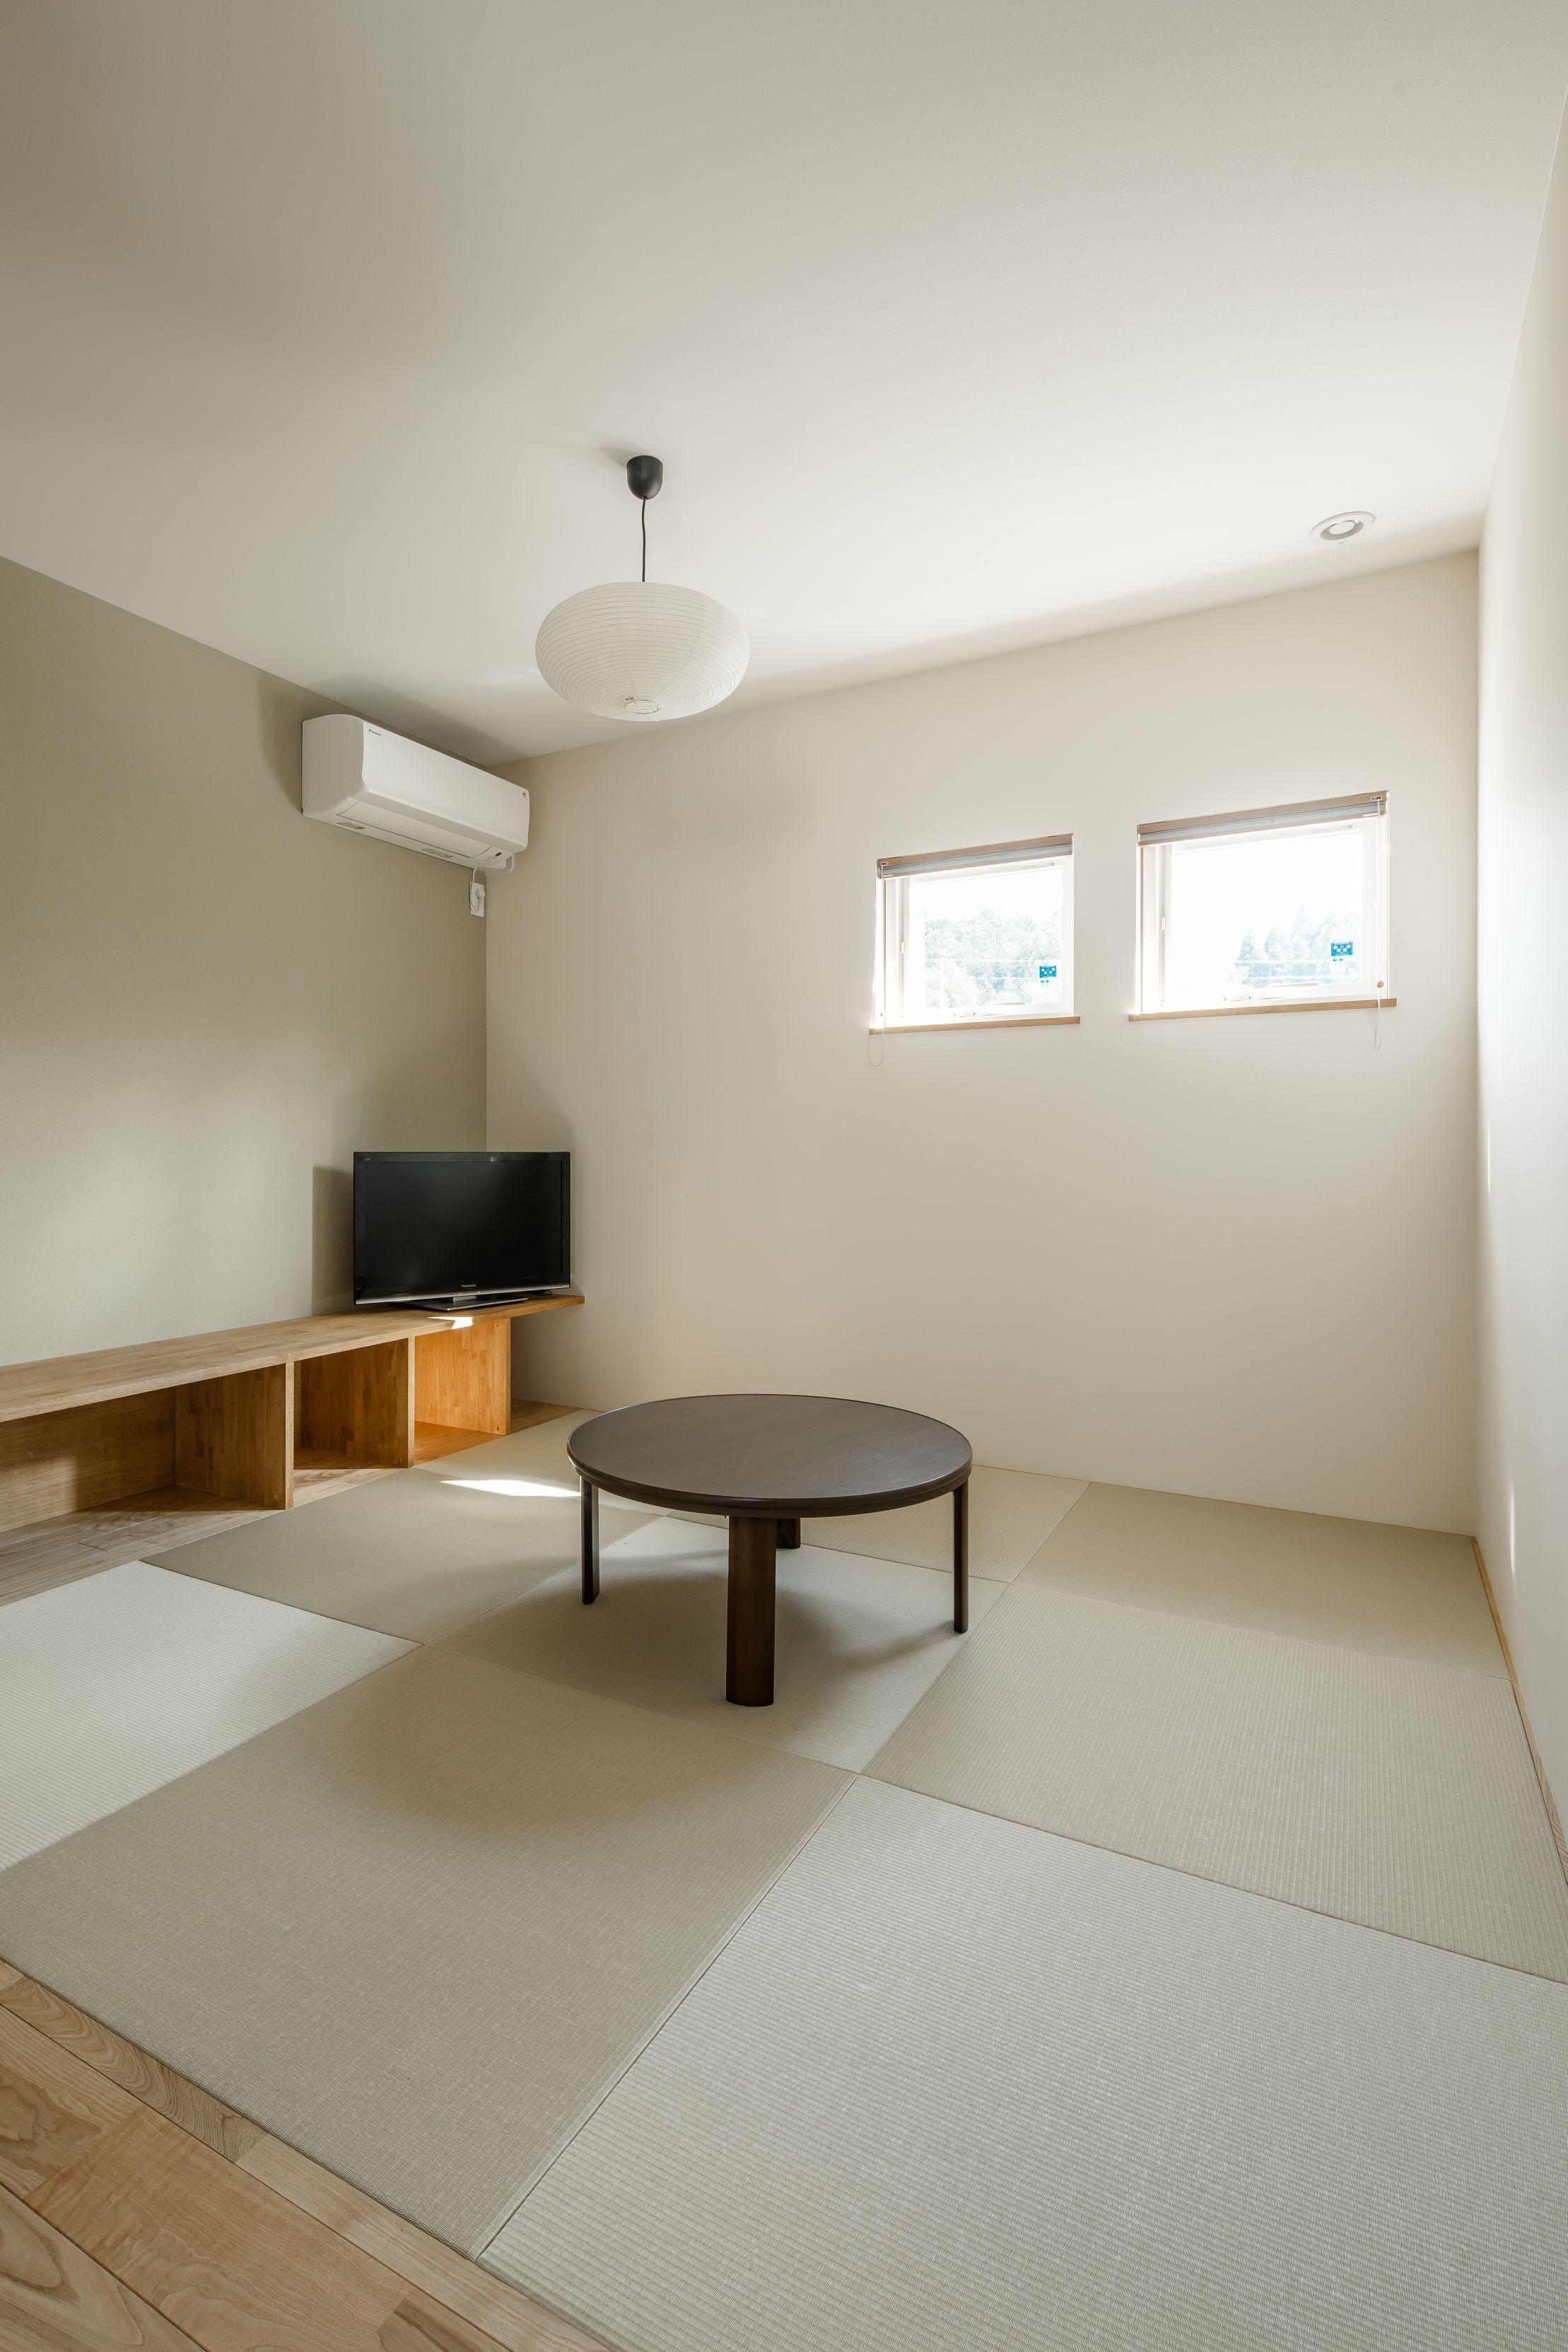 使い方いろいろな造作ベンチを置いたモダンな和室 ルポハウス 設計